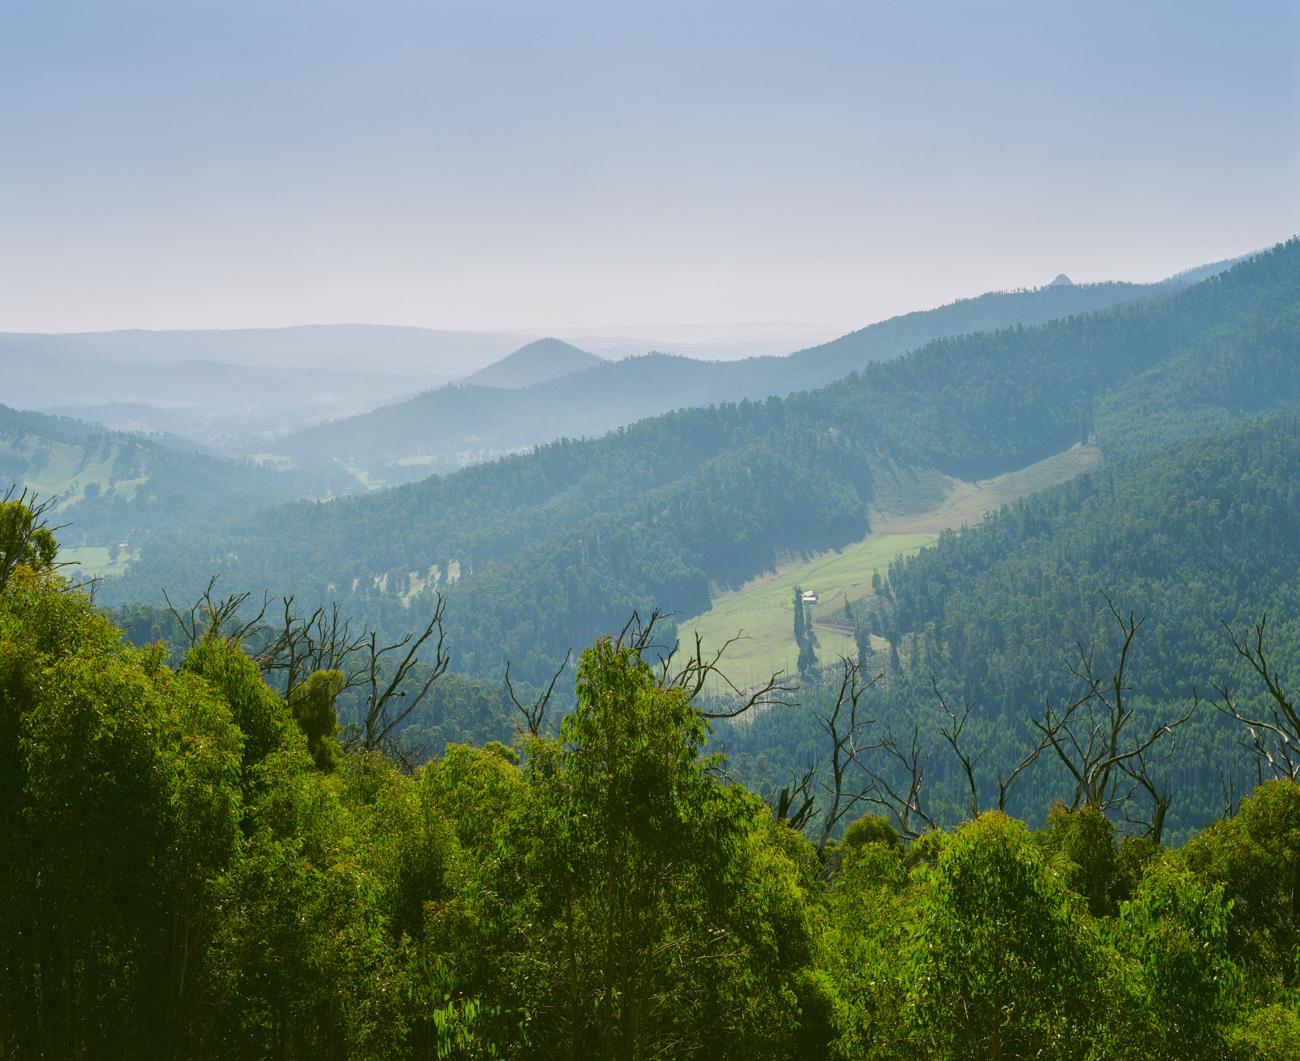 Like Mountain